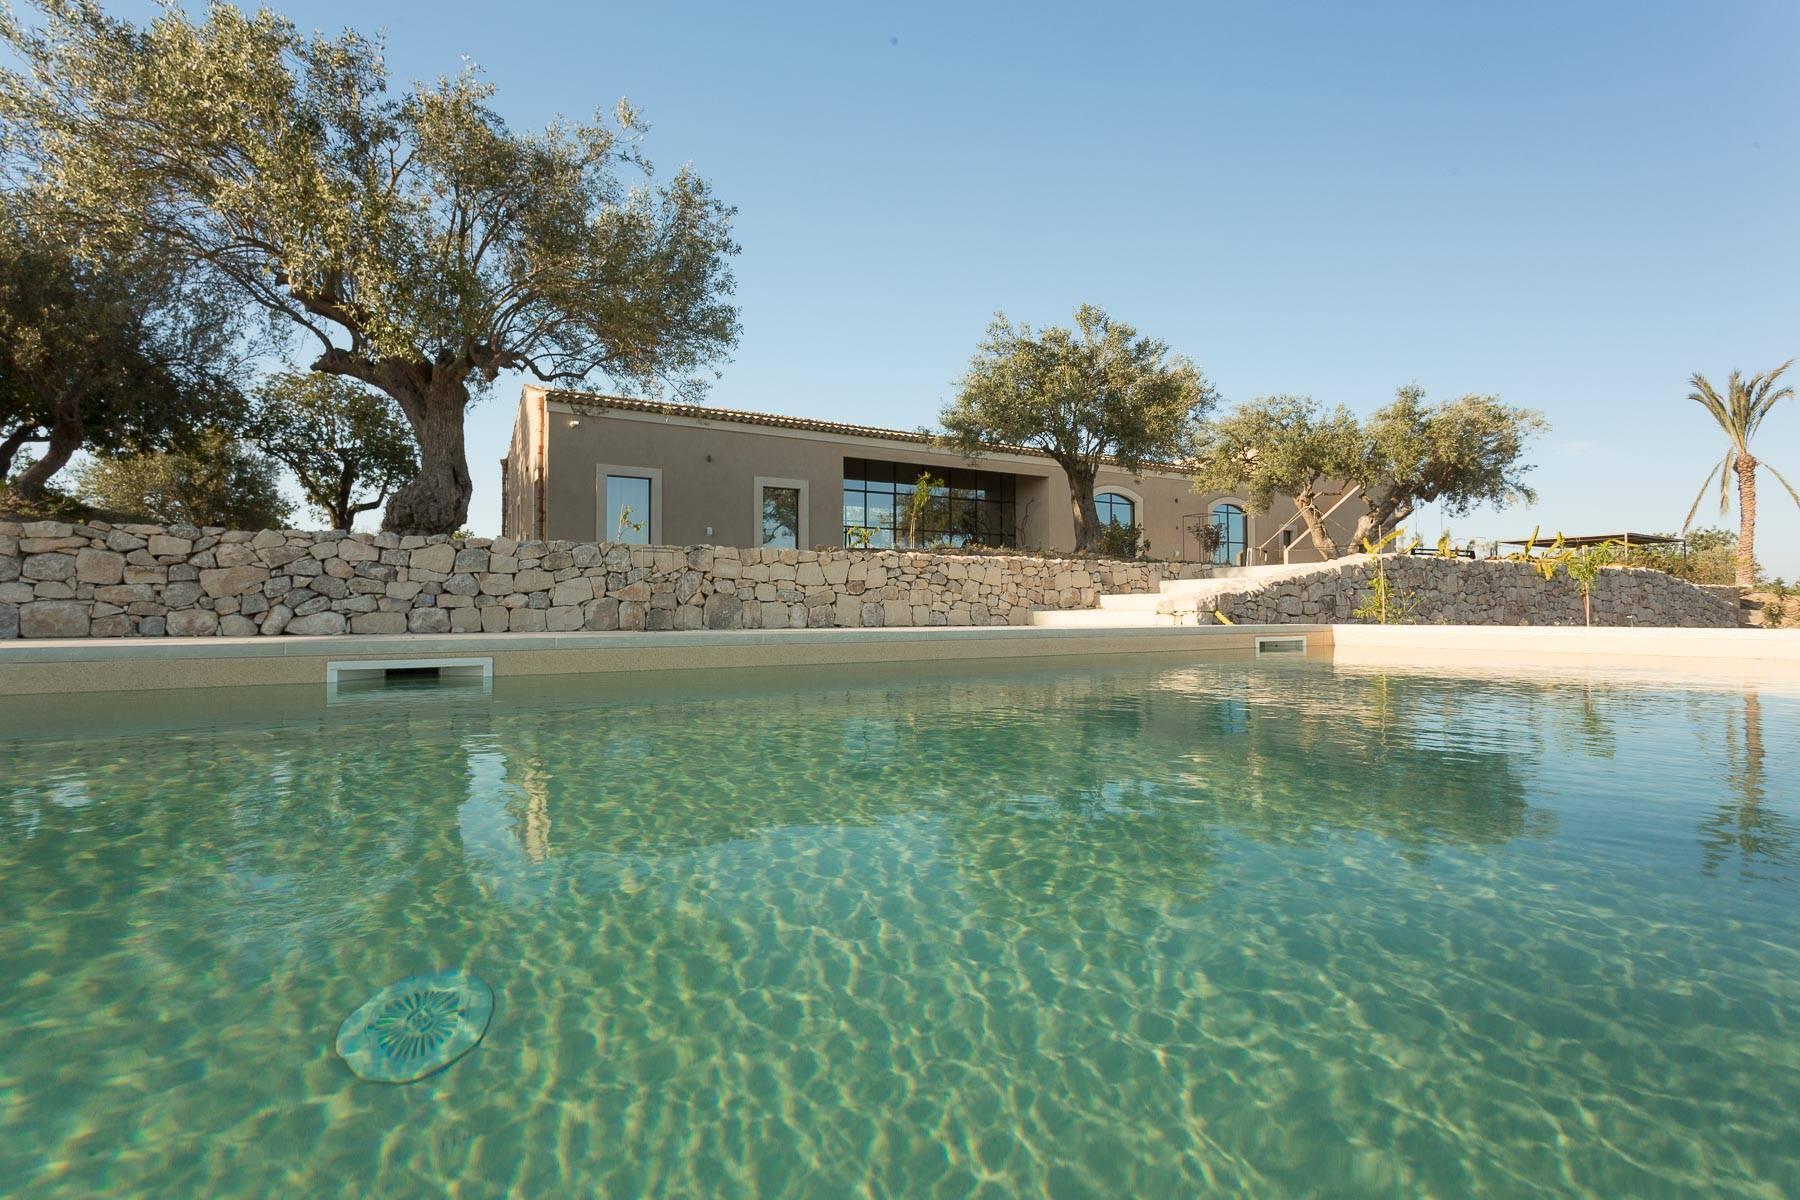 Val di Noto 的带游泳池及豪华设计的农舍 - 3